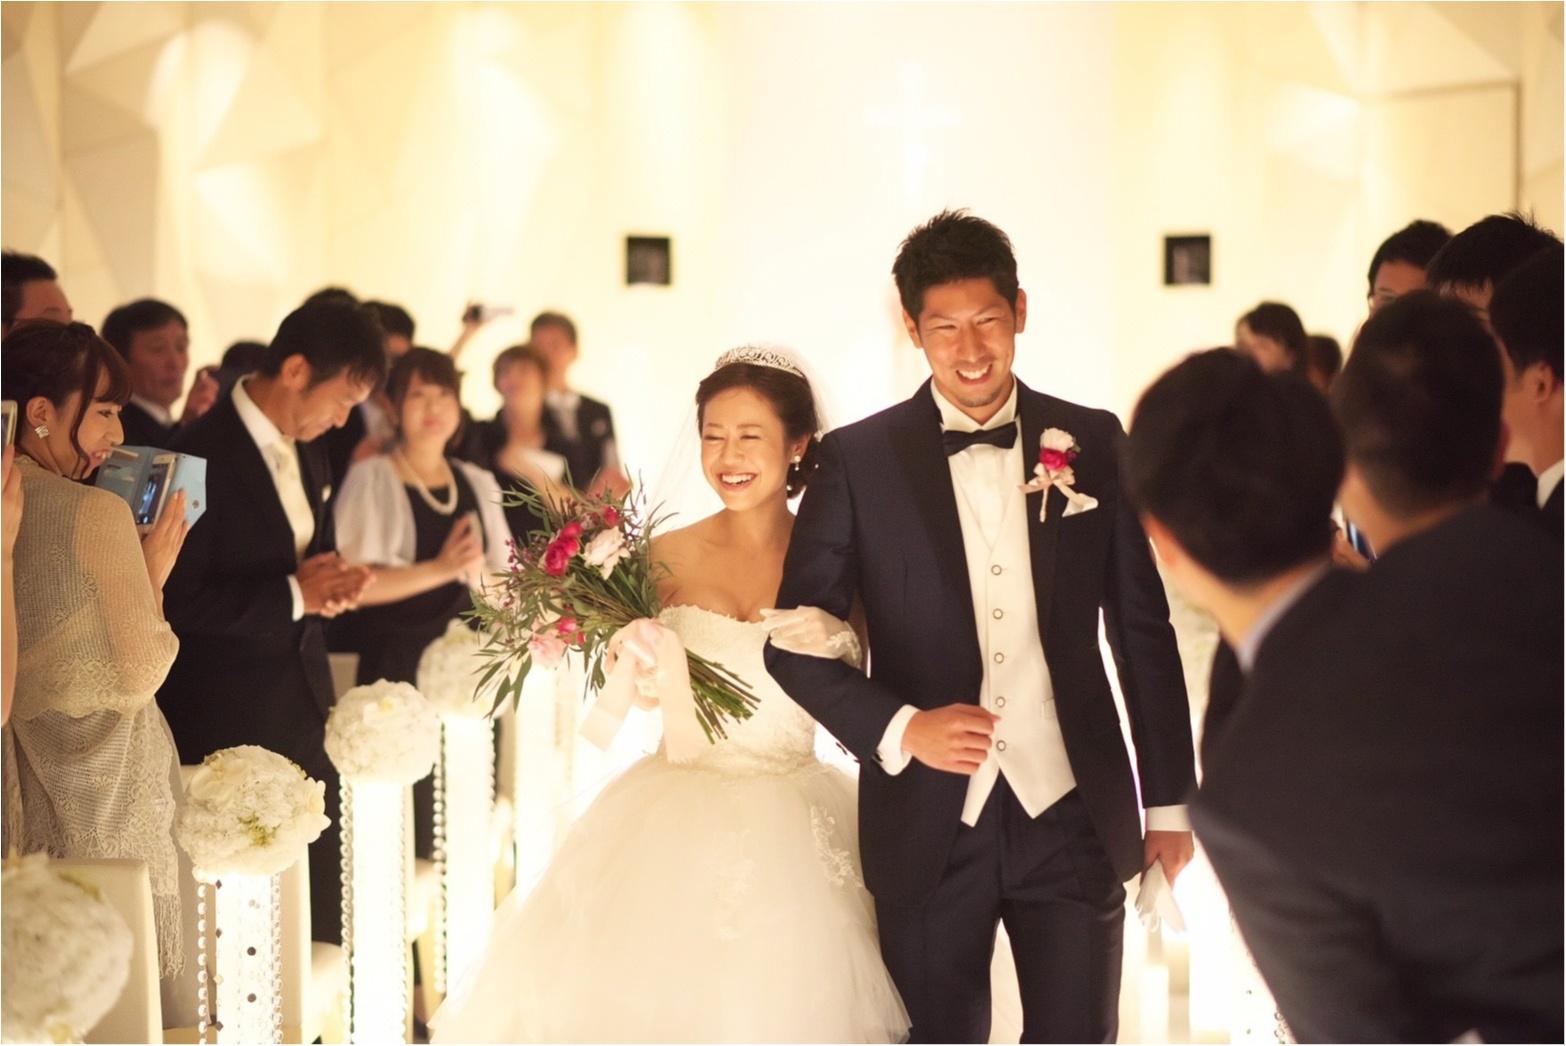 【結婚式のカメラ事情】外注カメラ!東京ウェディングスタイルさんにお願いしました!_1